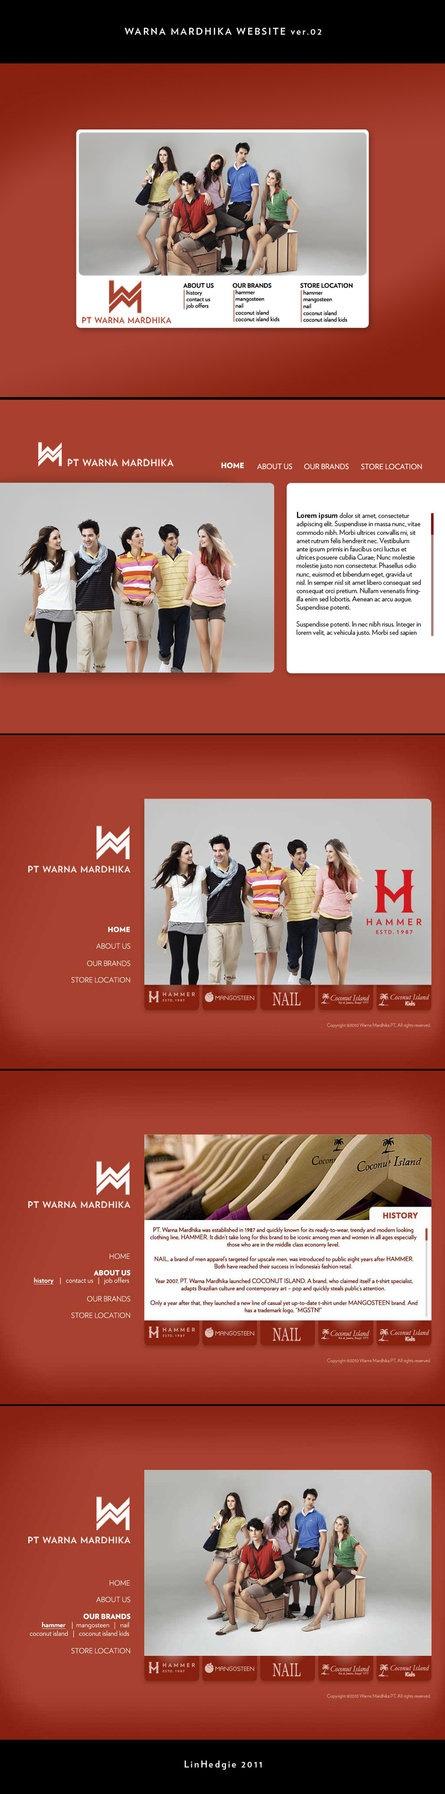 Warna Mardhika website